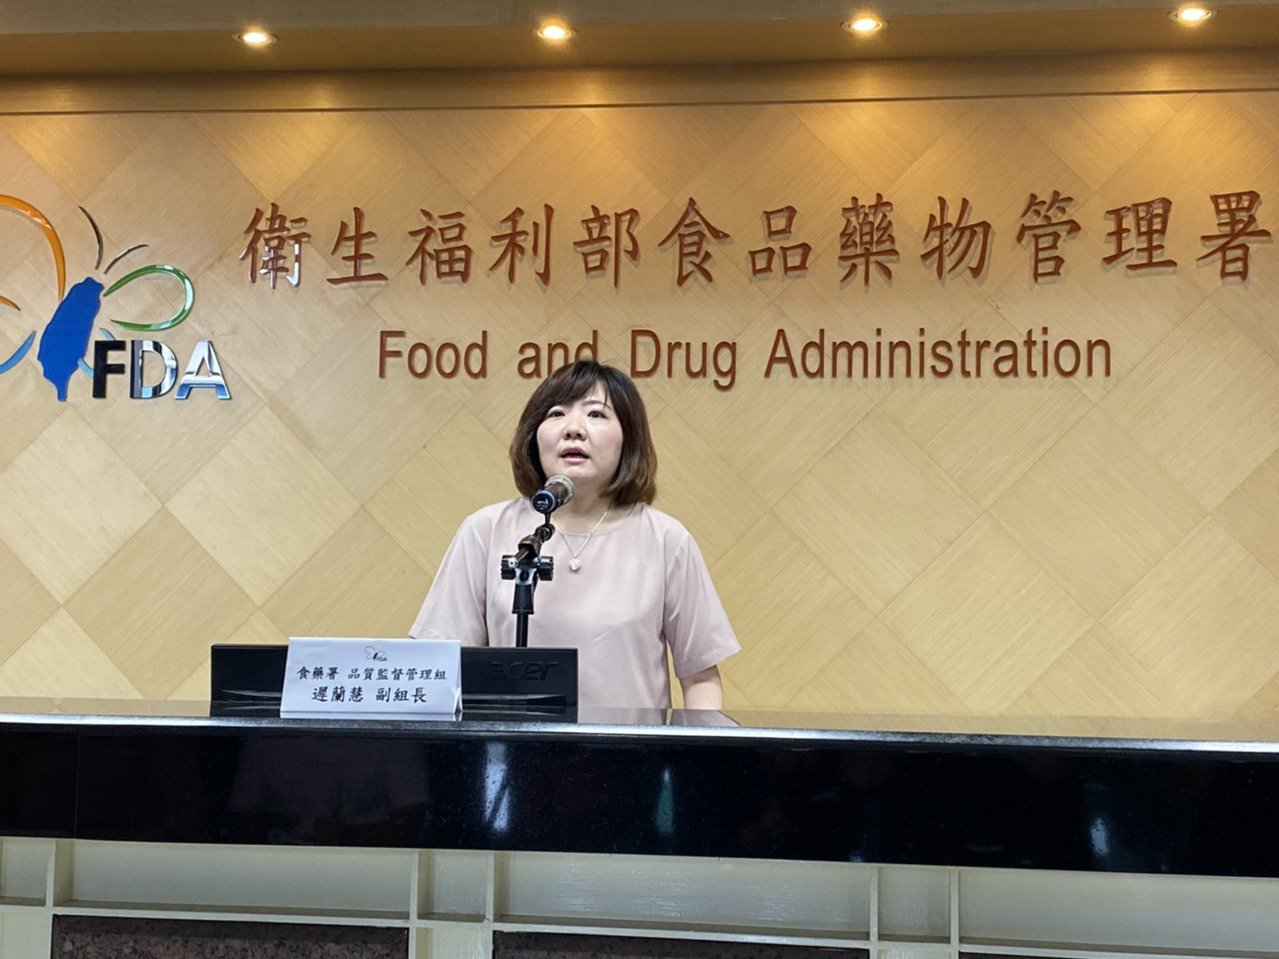 食藥署品質監督管理組副組長遲蘭惠表示,業者非法販售骨釘骨板數高達7萬4865支;...